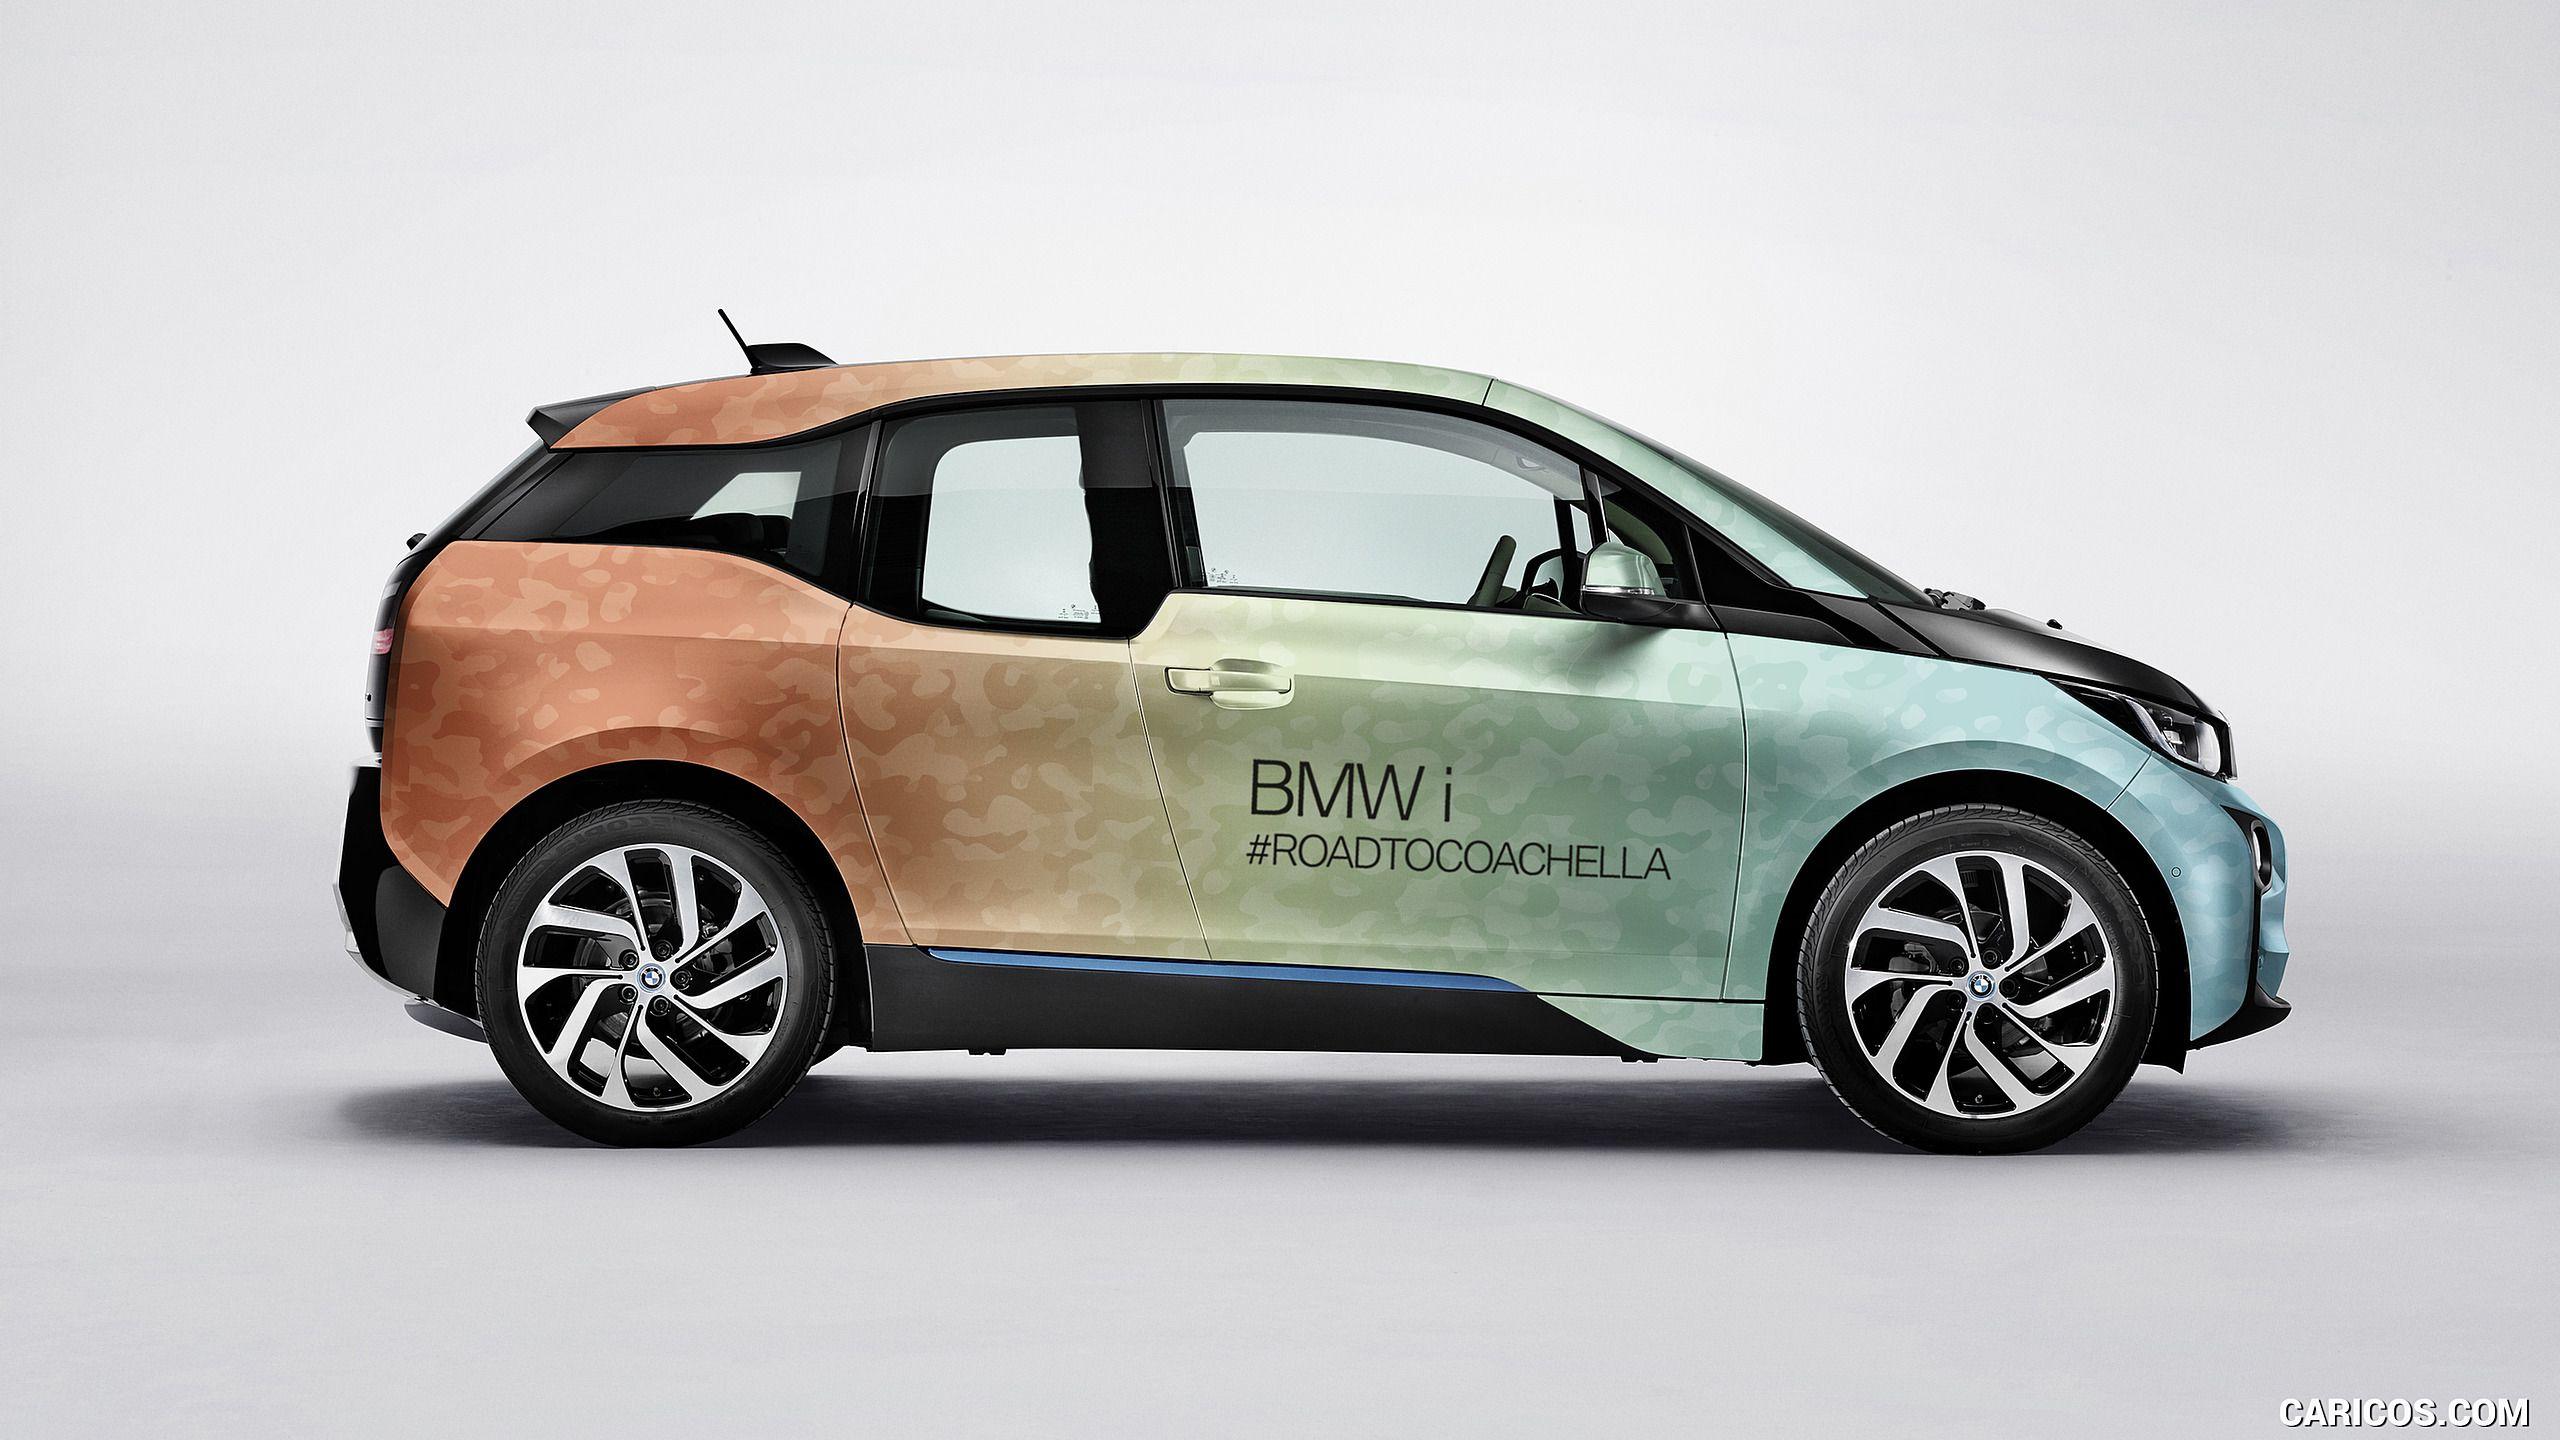 2017 BMW I8 And I3 Coachella Wallpaper